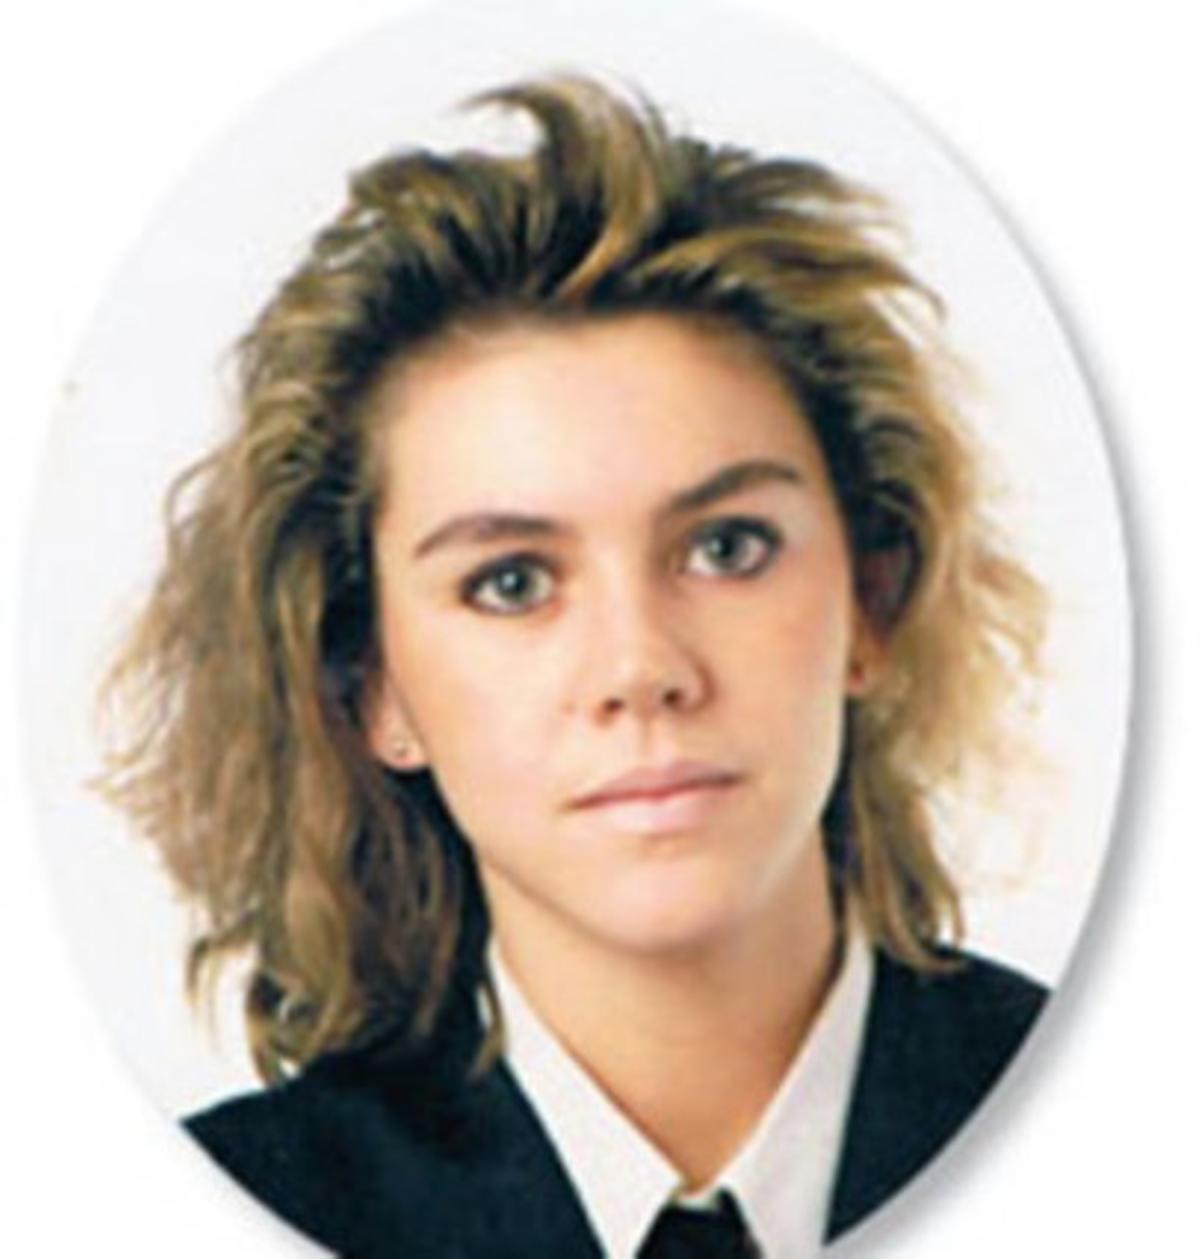 Dolores de Cospedal, en su juventud.